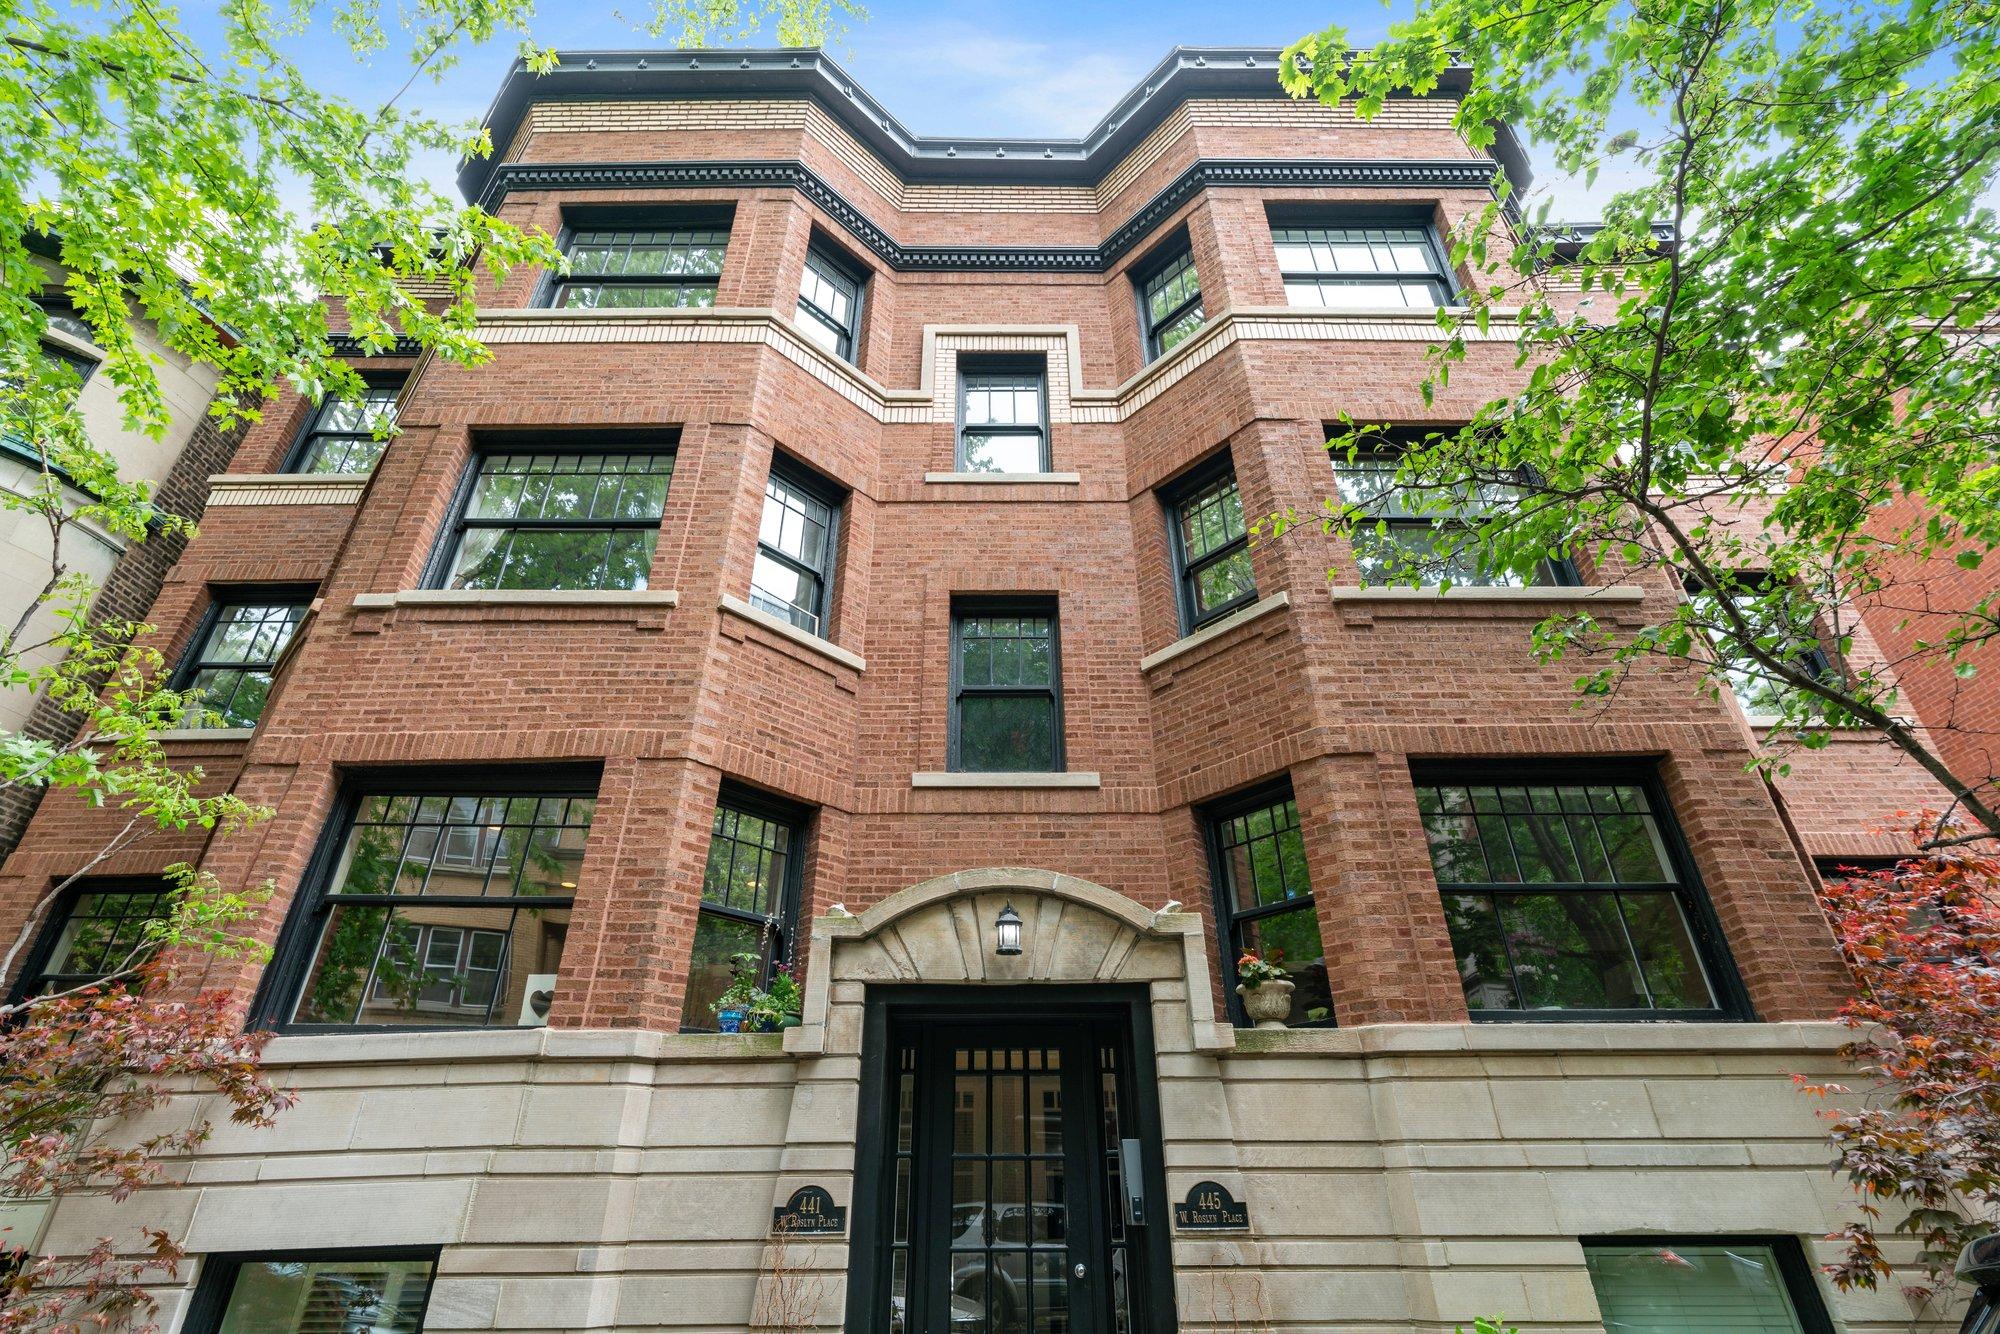 Condo in Chicago, Illinois, United States 1 - 11493045